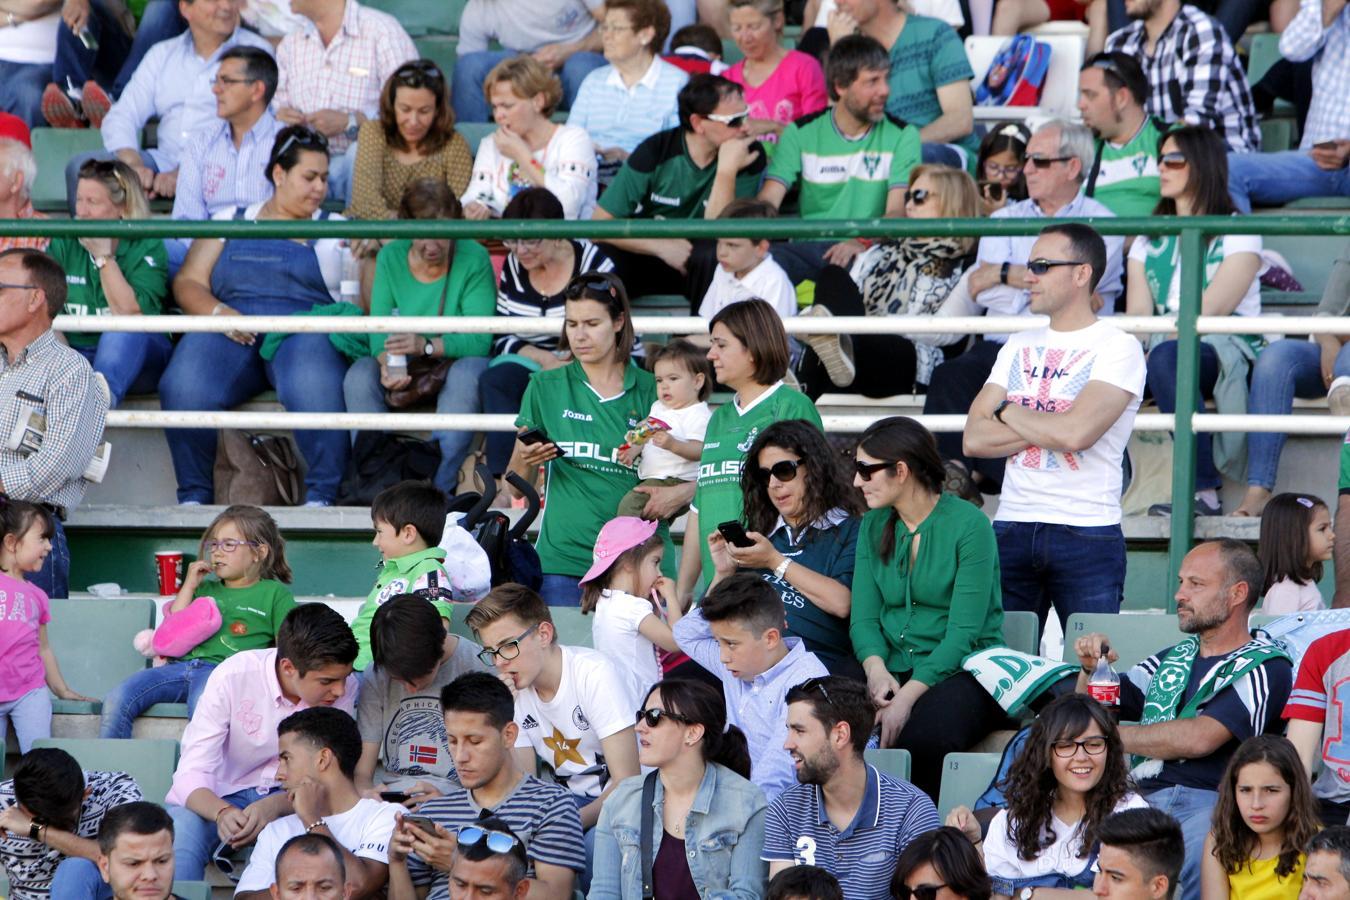 Las mujeres que vistieron de verde entraron gratis al partido con motivo del Día de la Madre